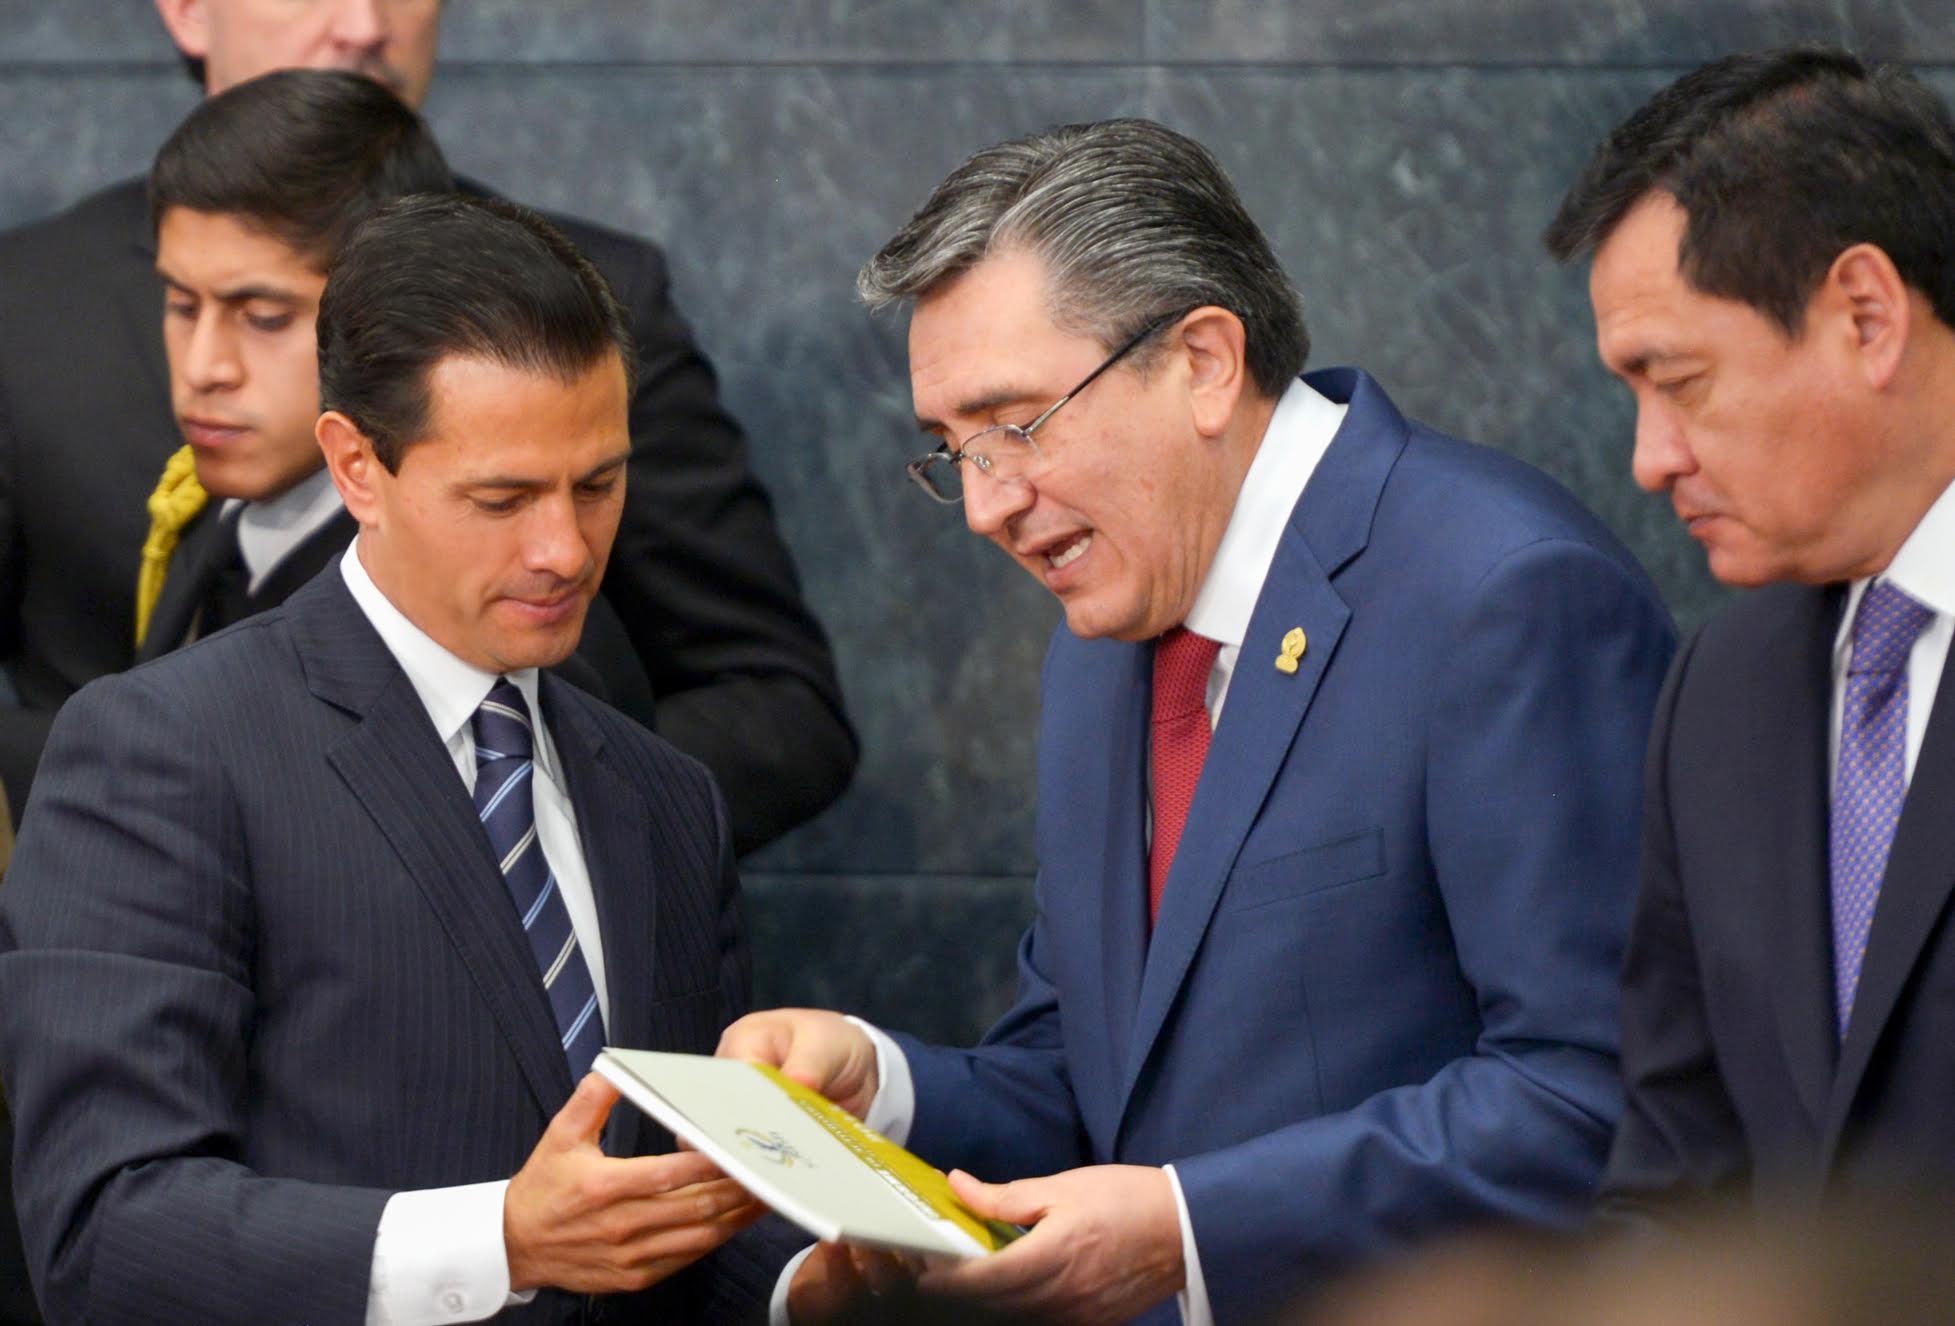 El titular de la Comisión Nacional de los Derechos Humanos, Luis Raúl González Pérez, entrega a el Presidente Peña Nieto su Informe de Actividades 2015.